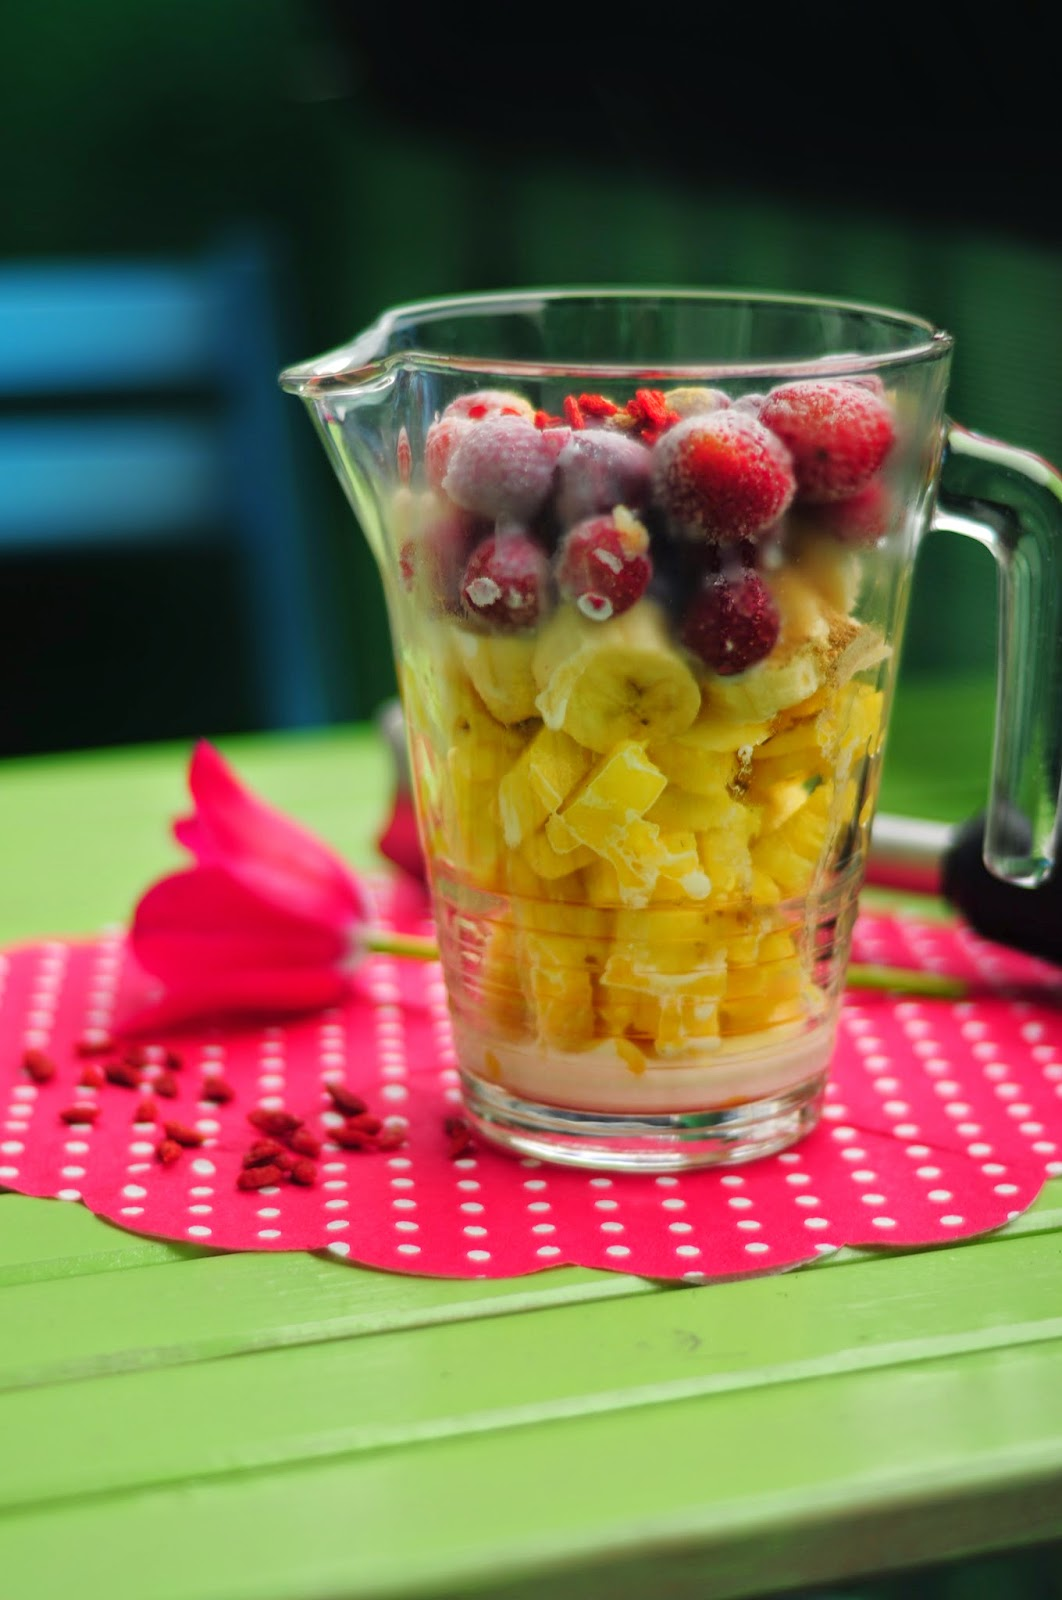 Koktajl z owoców Goji, ananas, banan, truskawki, wiosenne smoothie, zdrowotne odzywcze